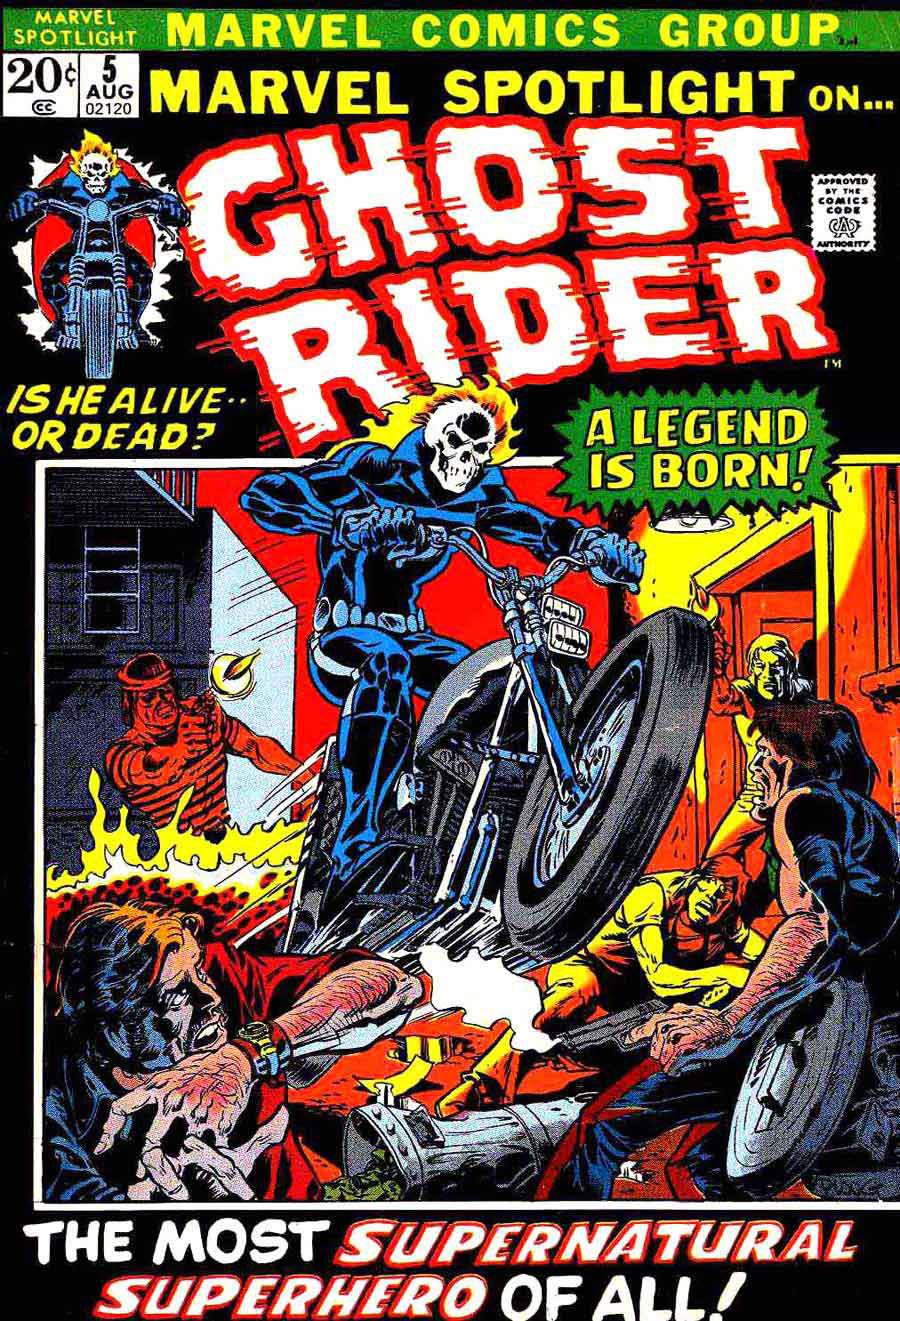 Johnny Blaze, o primeiro Motoqueiro Fantasma